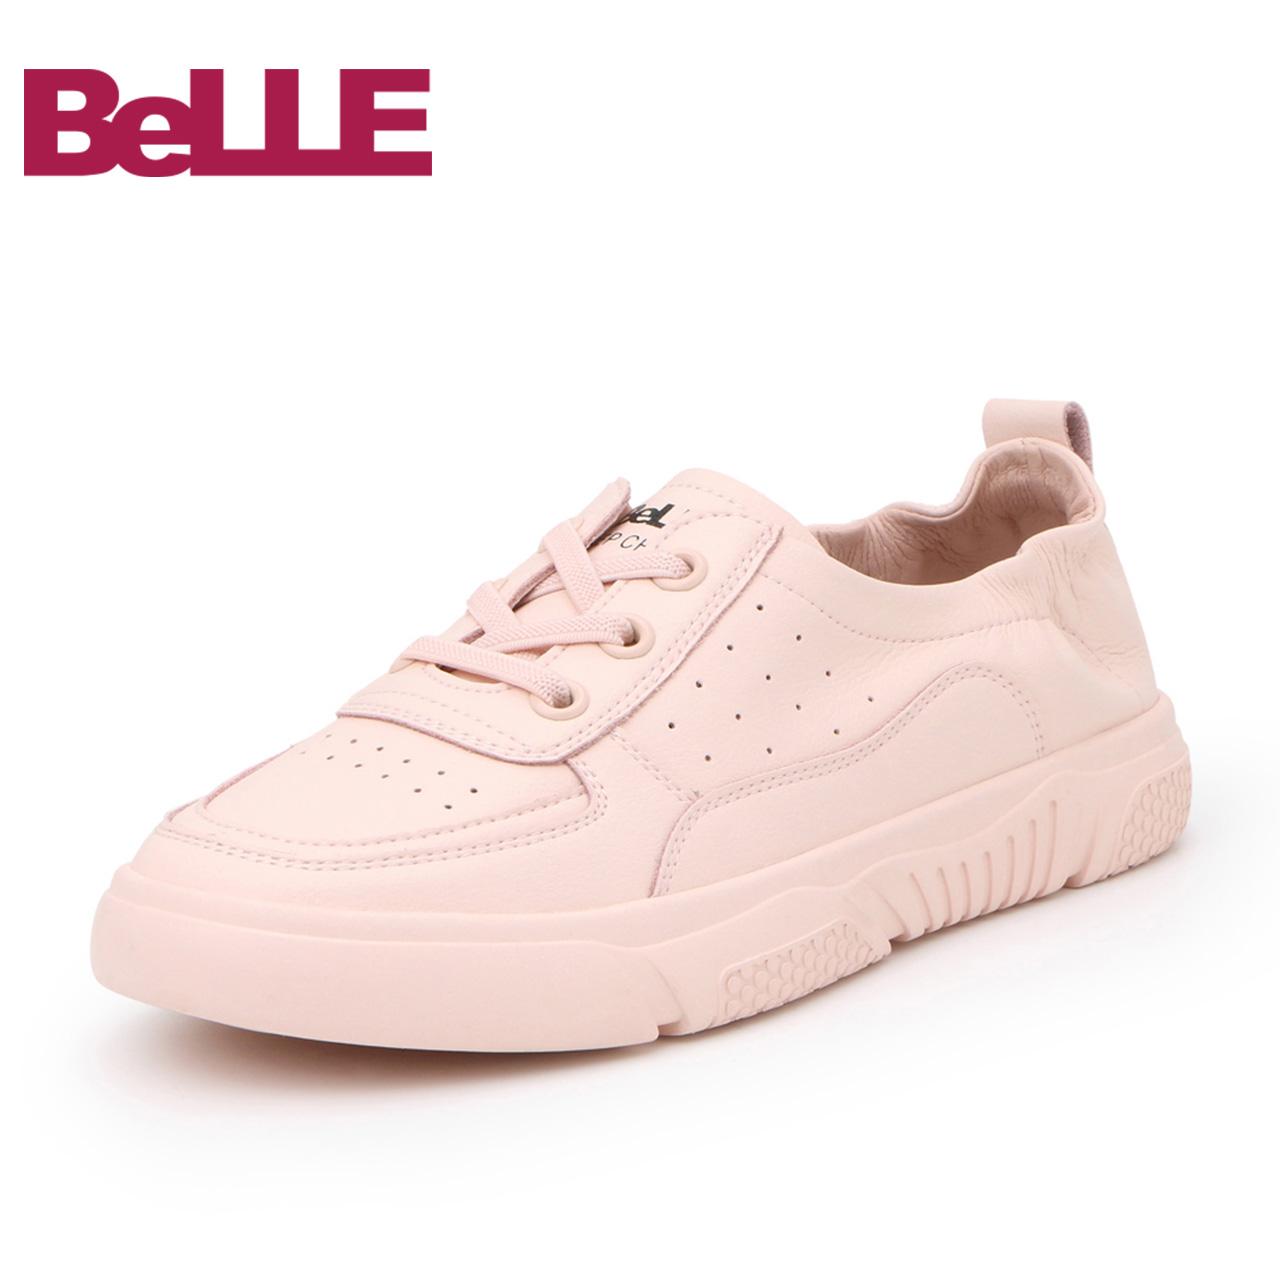 百丽夏季商场同款运动平底休闲鞋